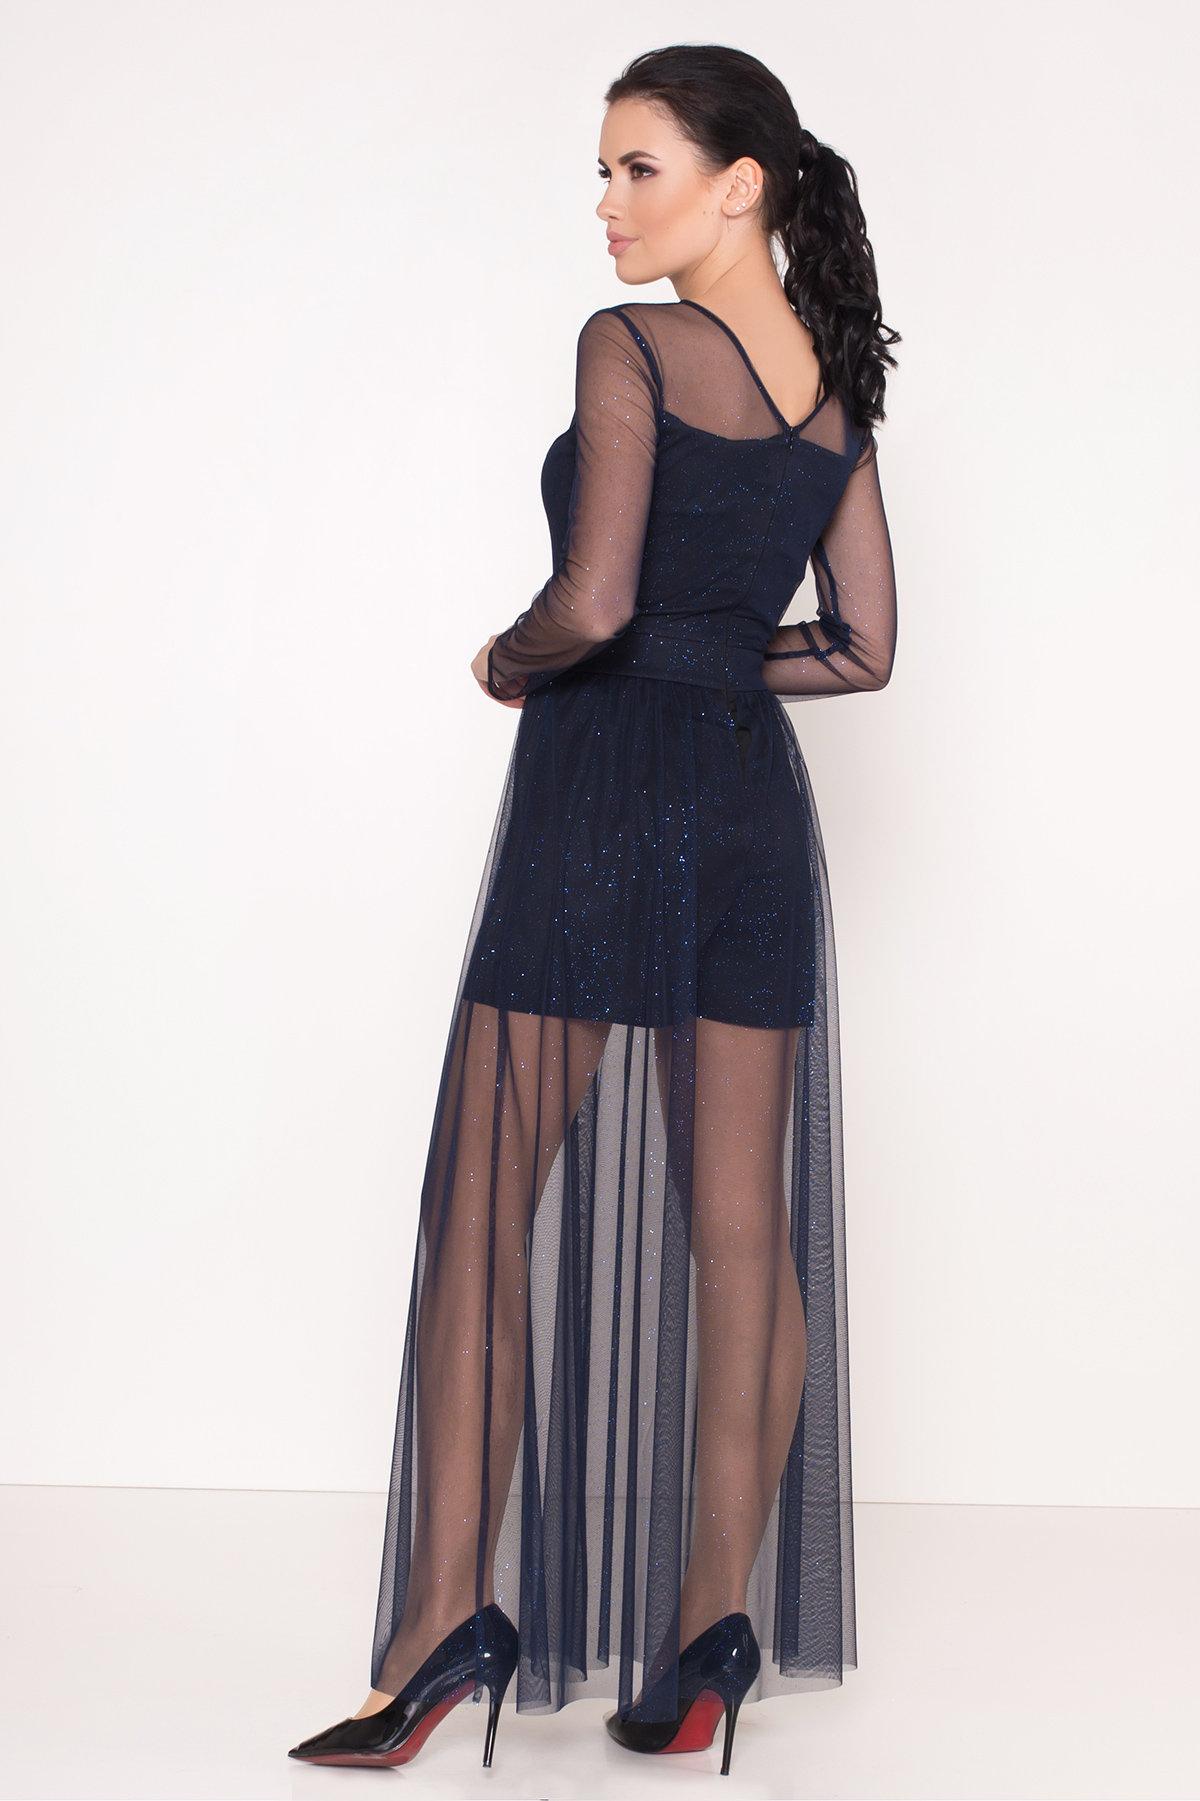 Платье-комбинезон Астия 8556 АРТ. 44951 Цвет: Черный/т.синий/электрик - фото 4, интернет магазин tm-modus.ru